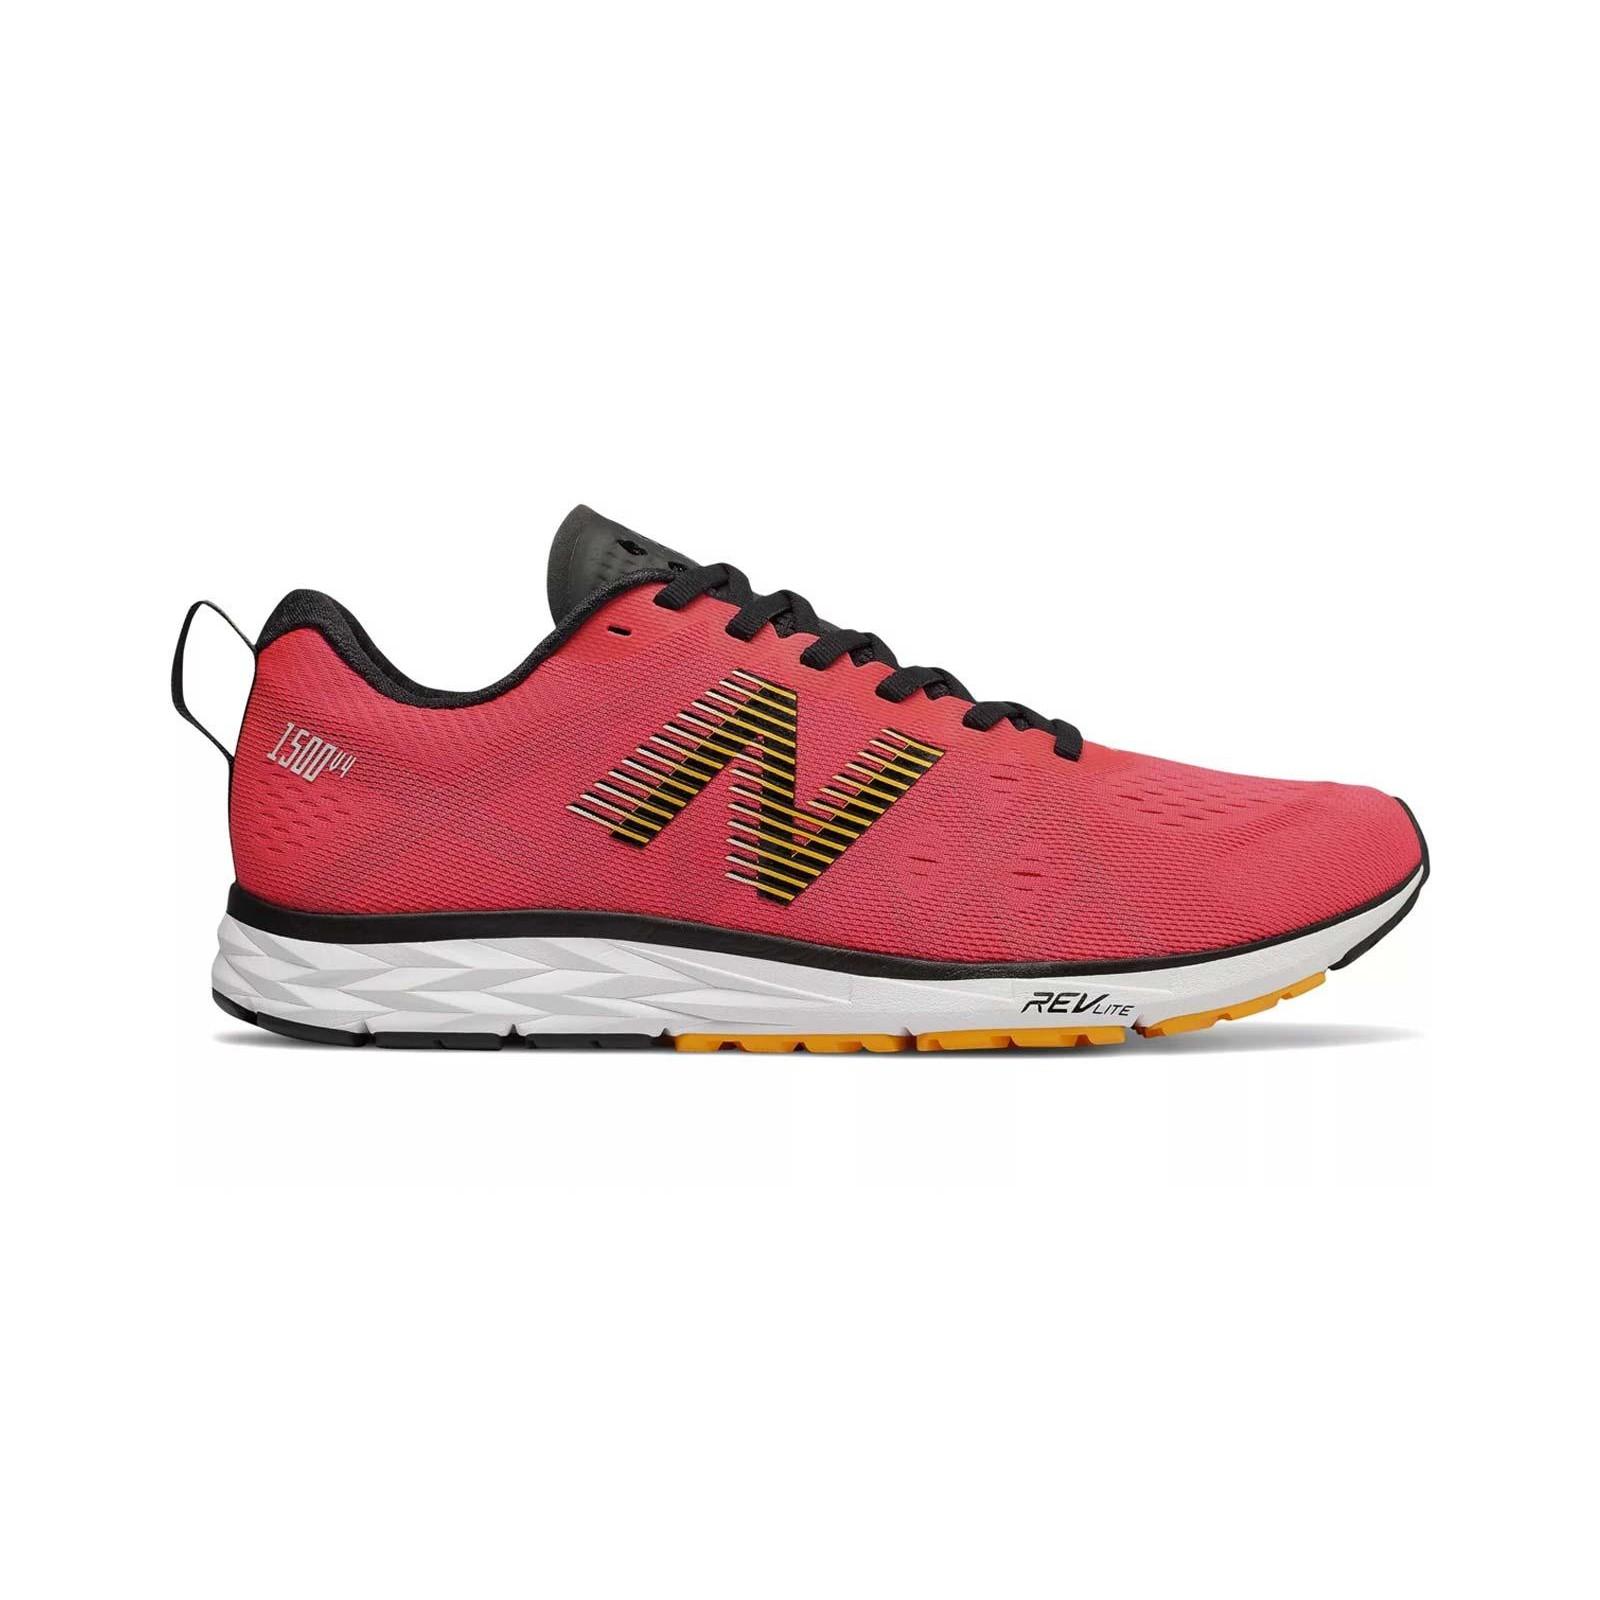 New Balance-1500 V4 NEWM1500RB4